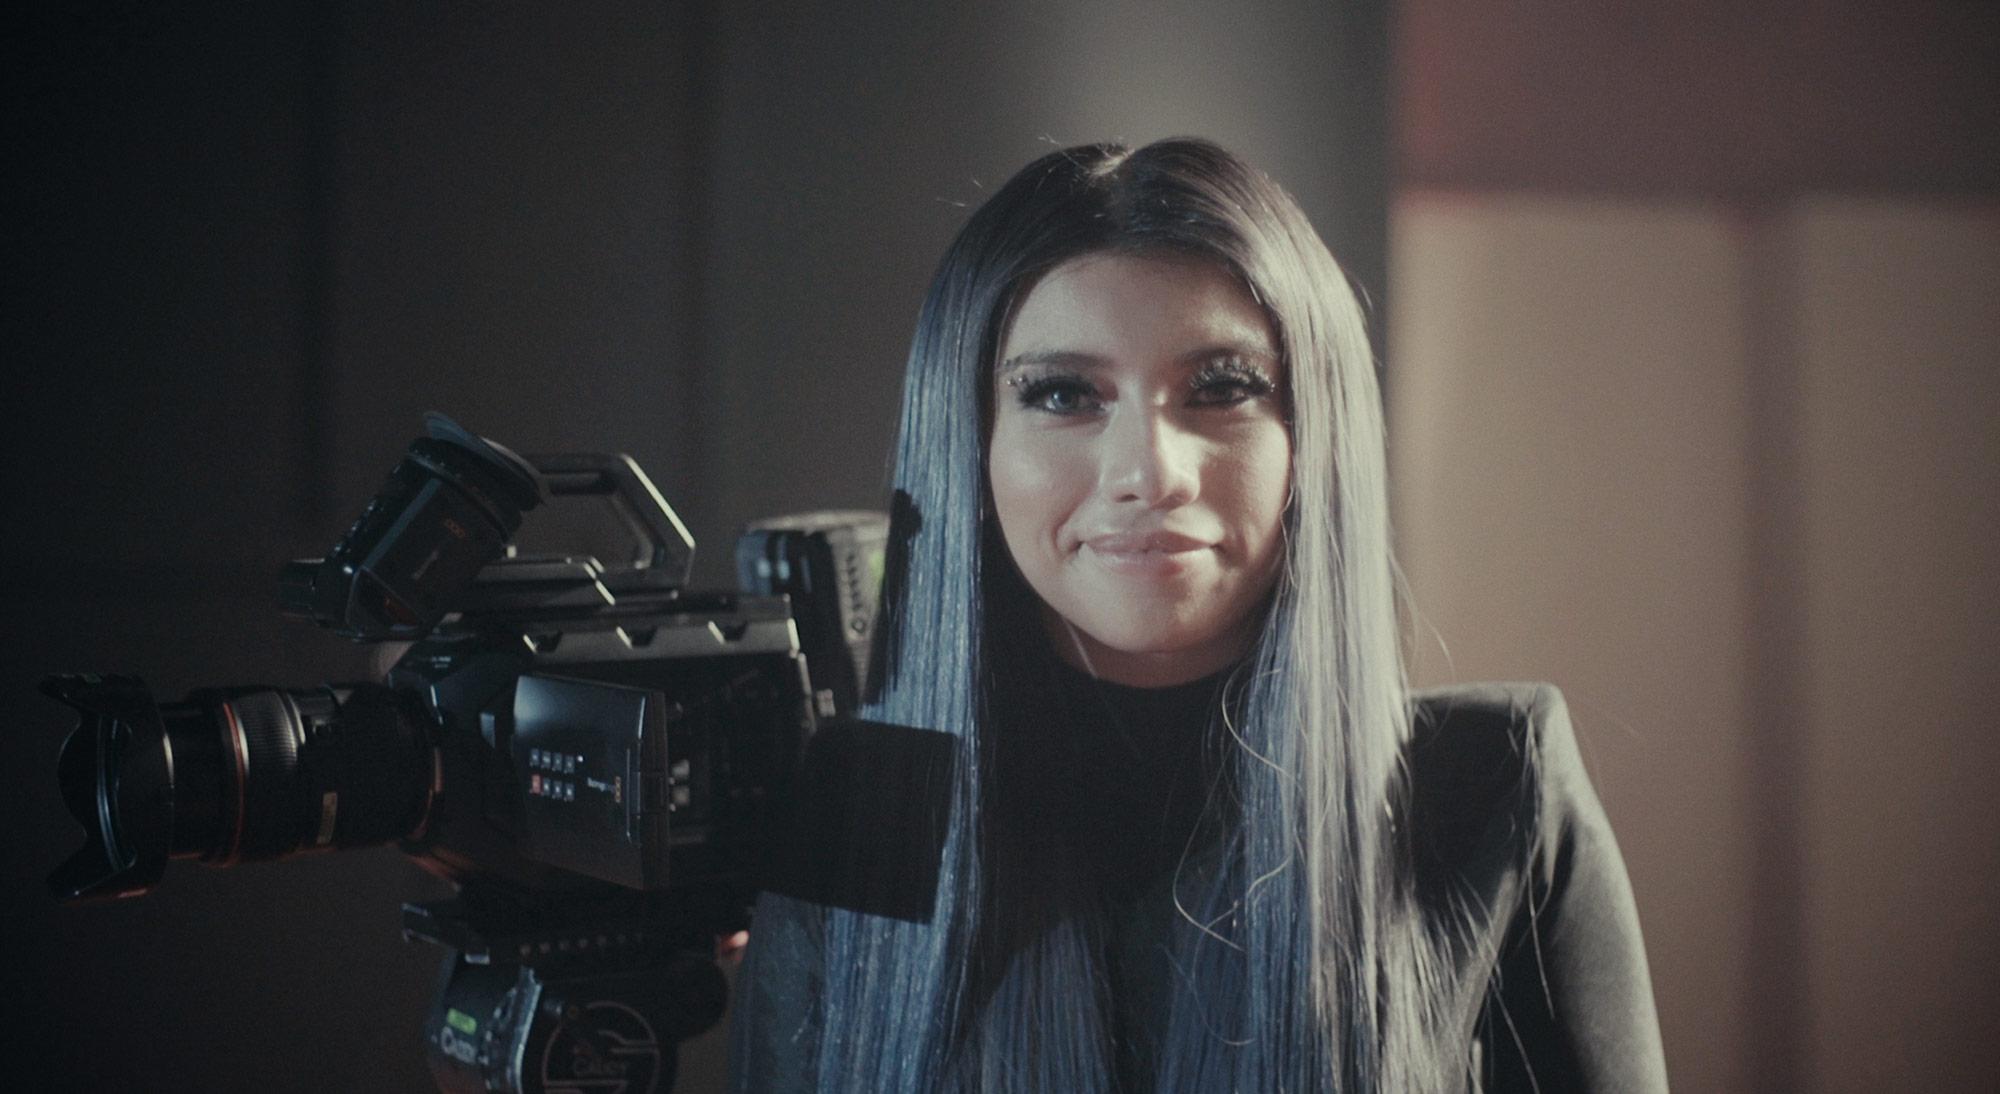 格莱美获奖歌手Kirstin Maldonado新单曲《Naked》MV采用15台Blackmagic摄影机拍摄